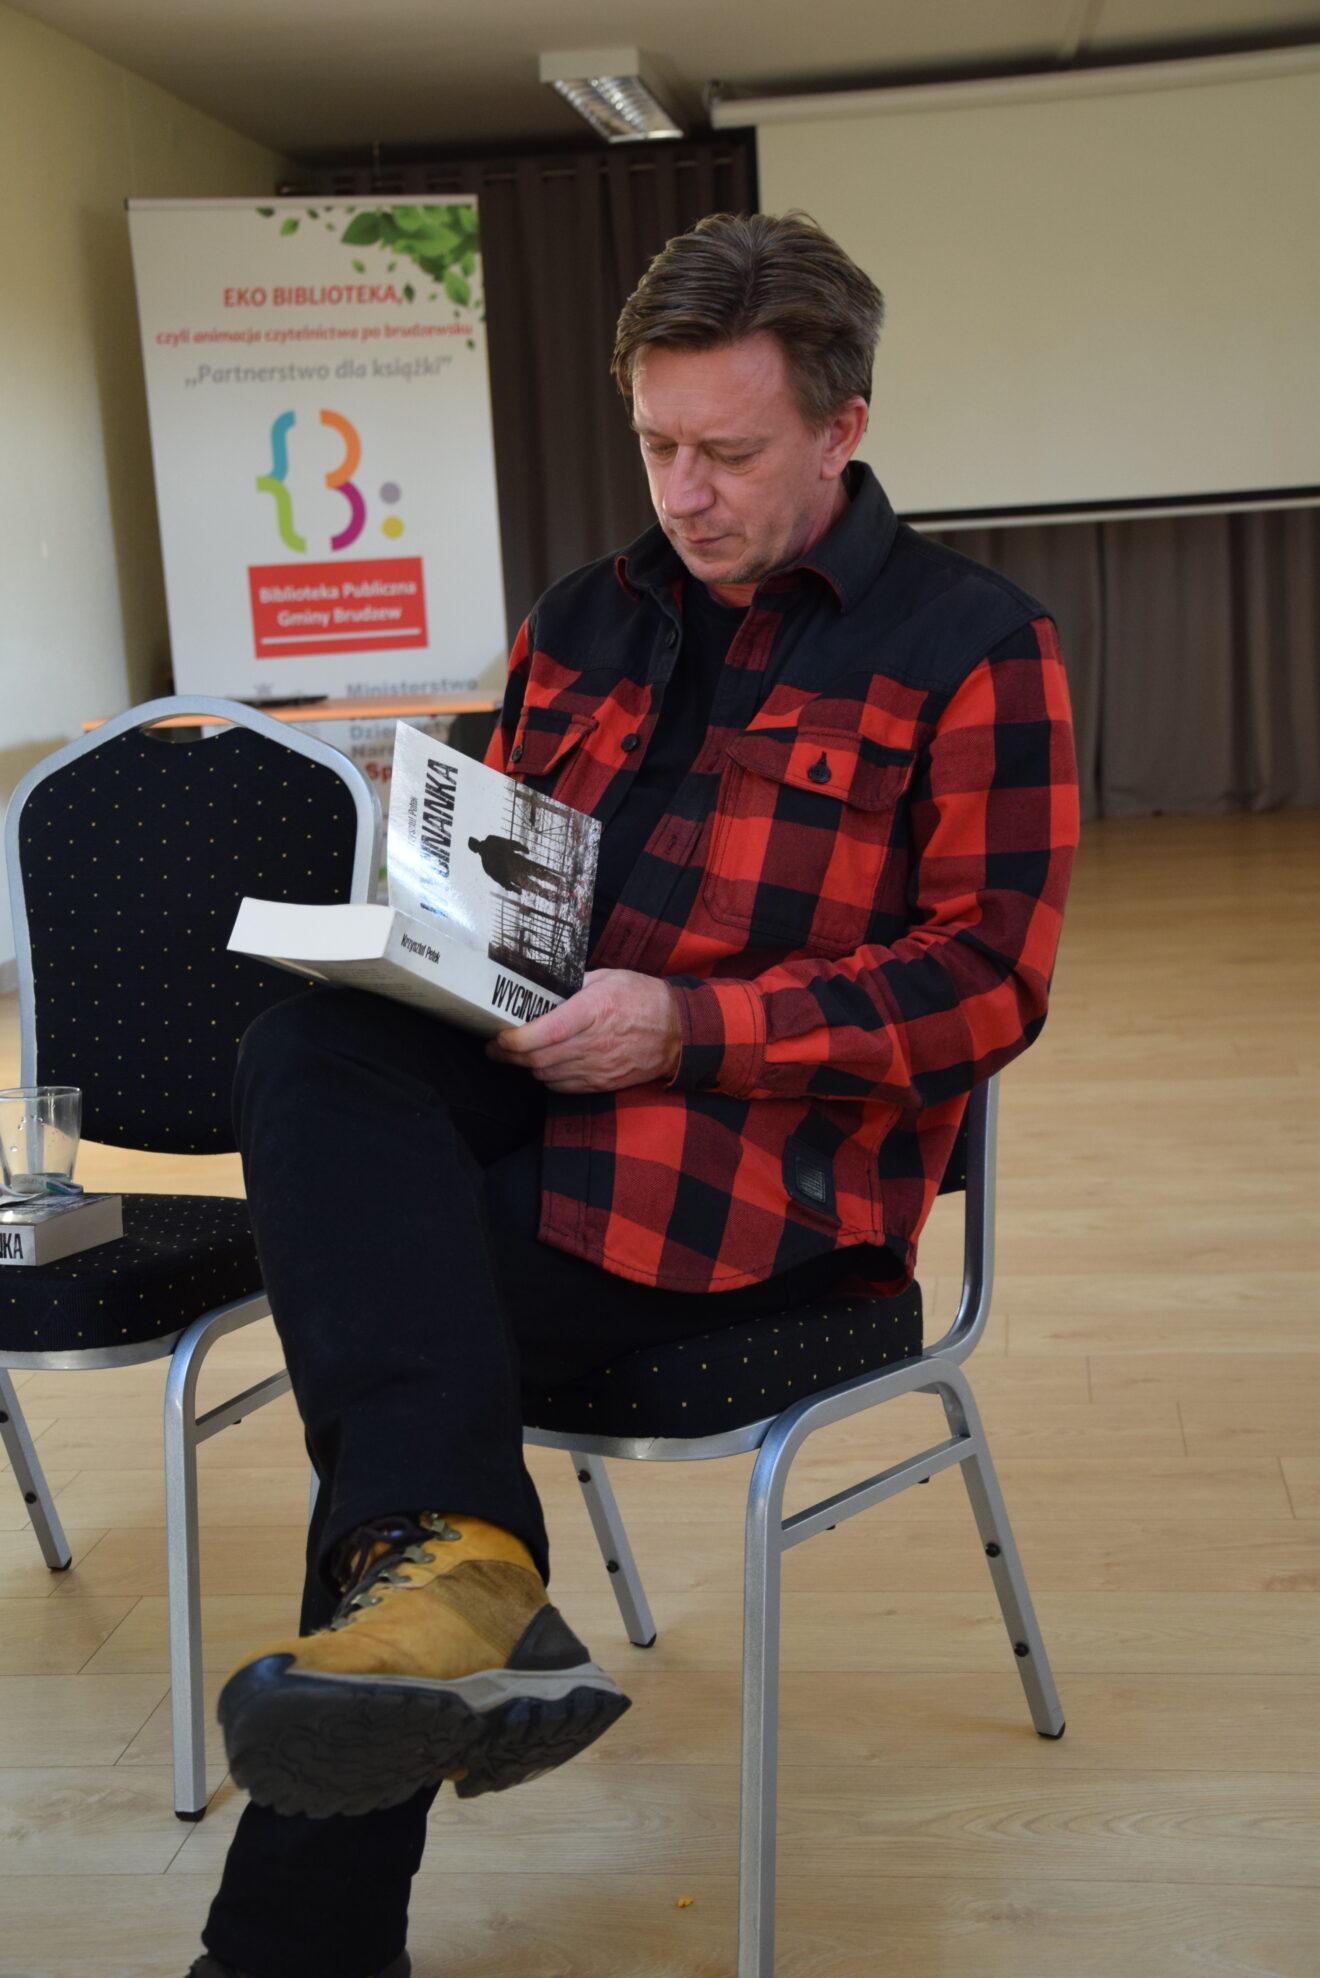 mężczyzny siedzi na krześle, podpisuje książkę